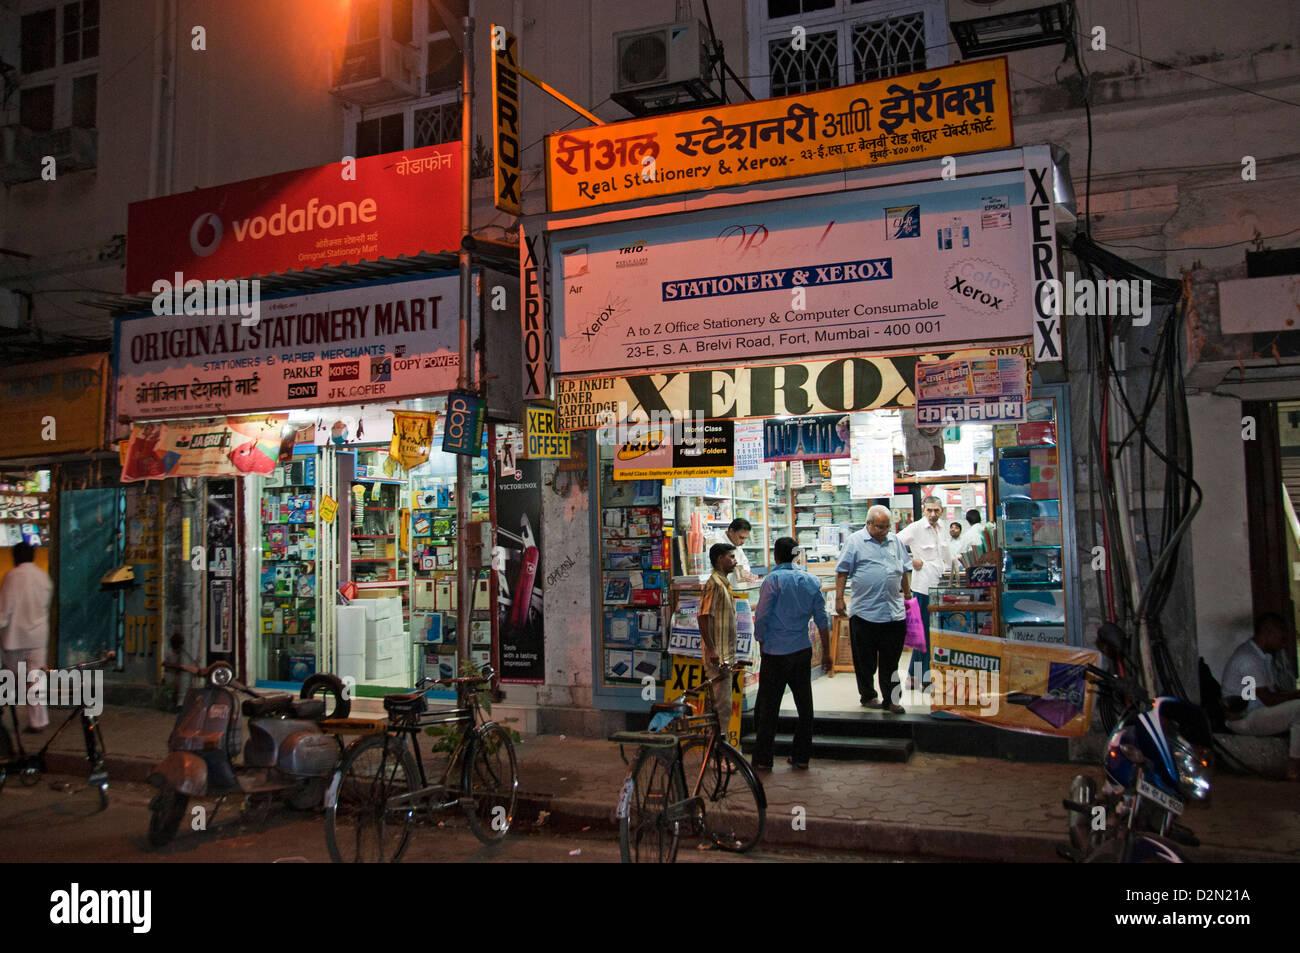 Mumbai ( Bombay ) India Copy Shop Xerox  Stock Image